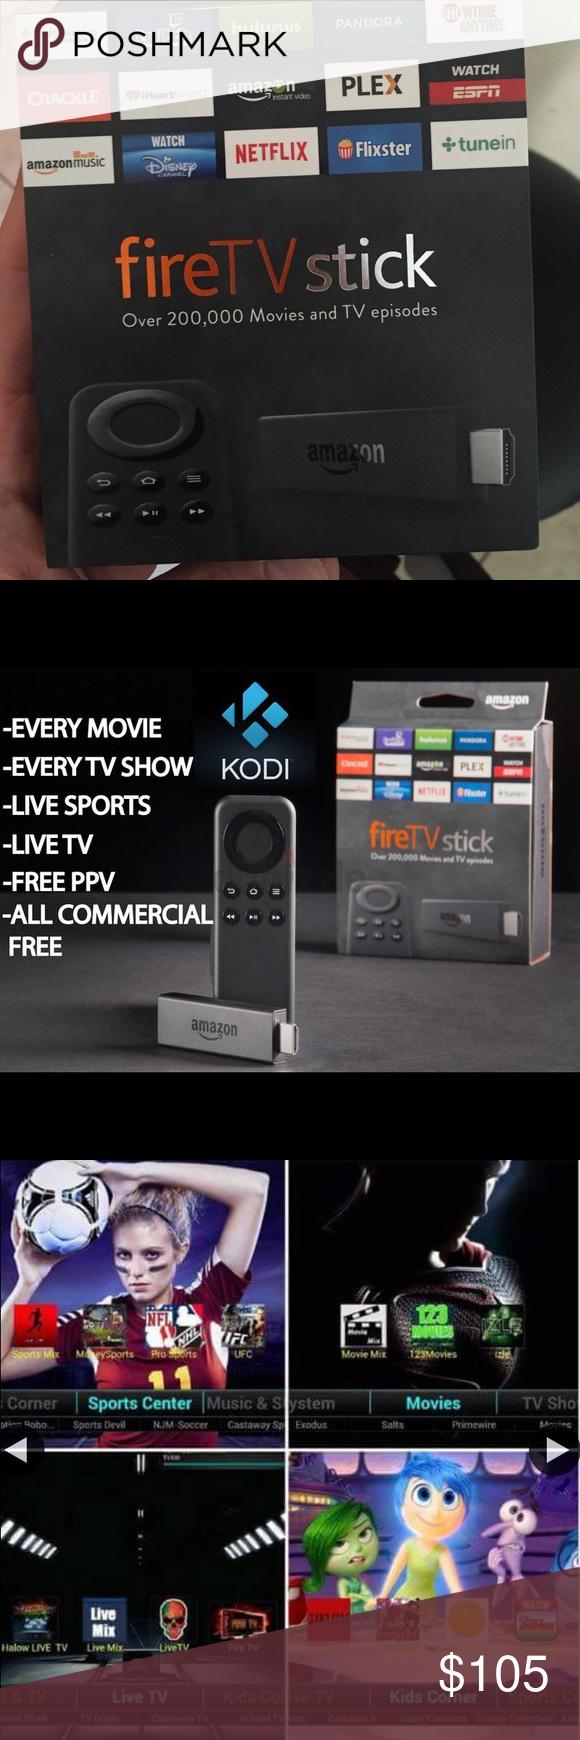 Jailbroken Firestick with Kodi- Never pay again! Unlocked Amazon Firestick  with Kodi. Watch